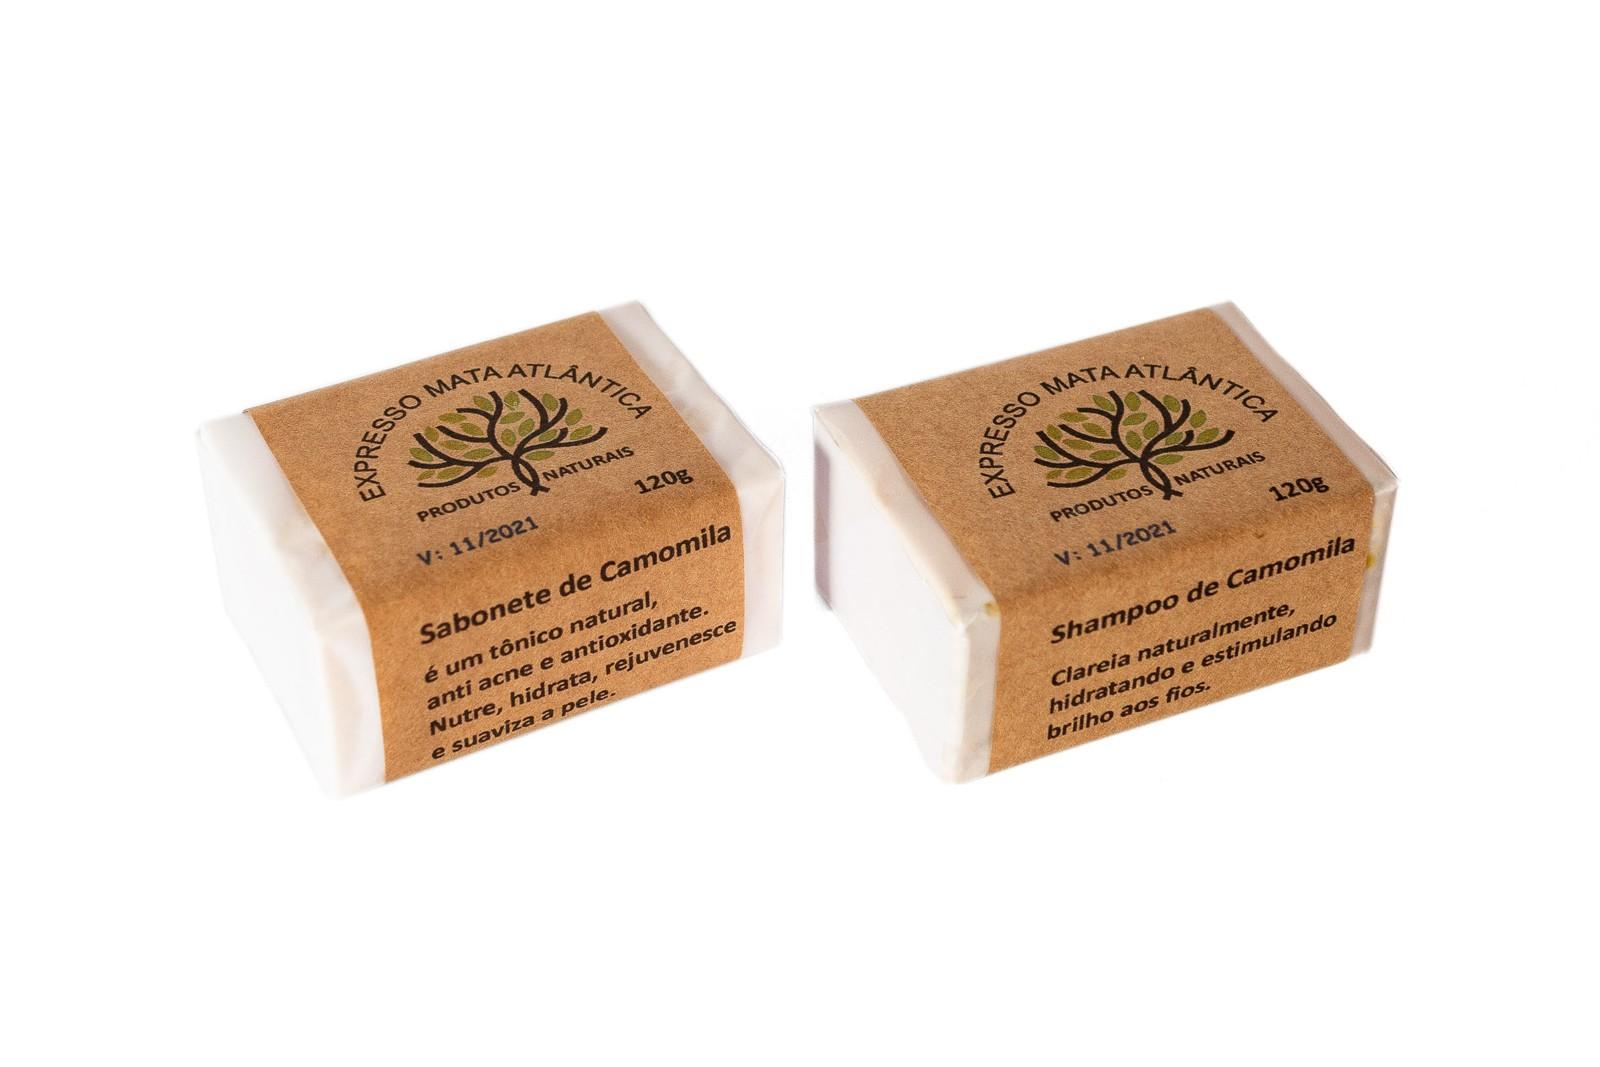 Shampoo e Sabonete sólidos Veganos Naturais  Camomila da Expresso Mata Atlântica